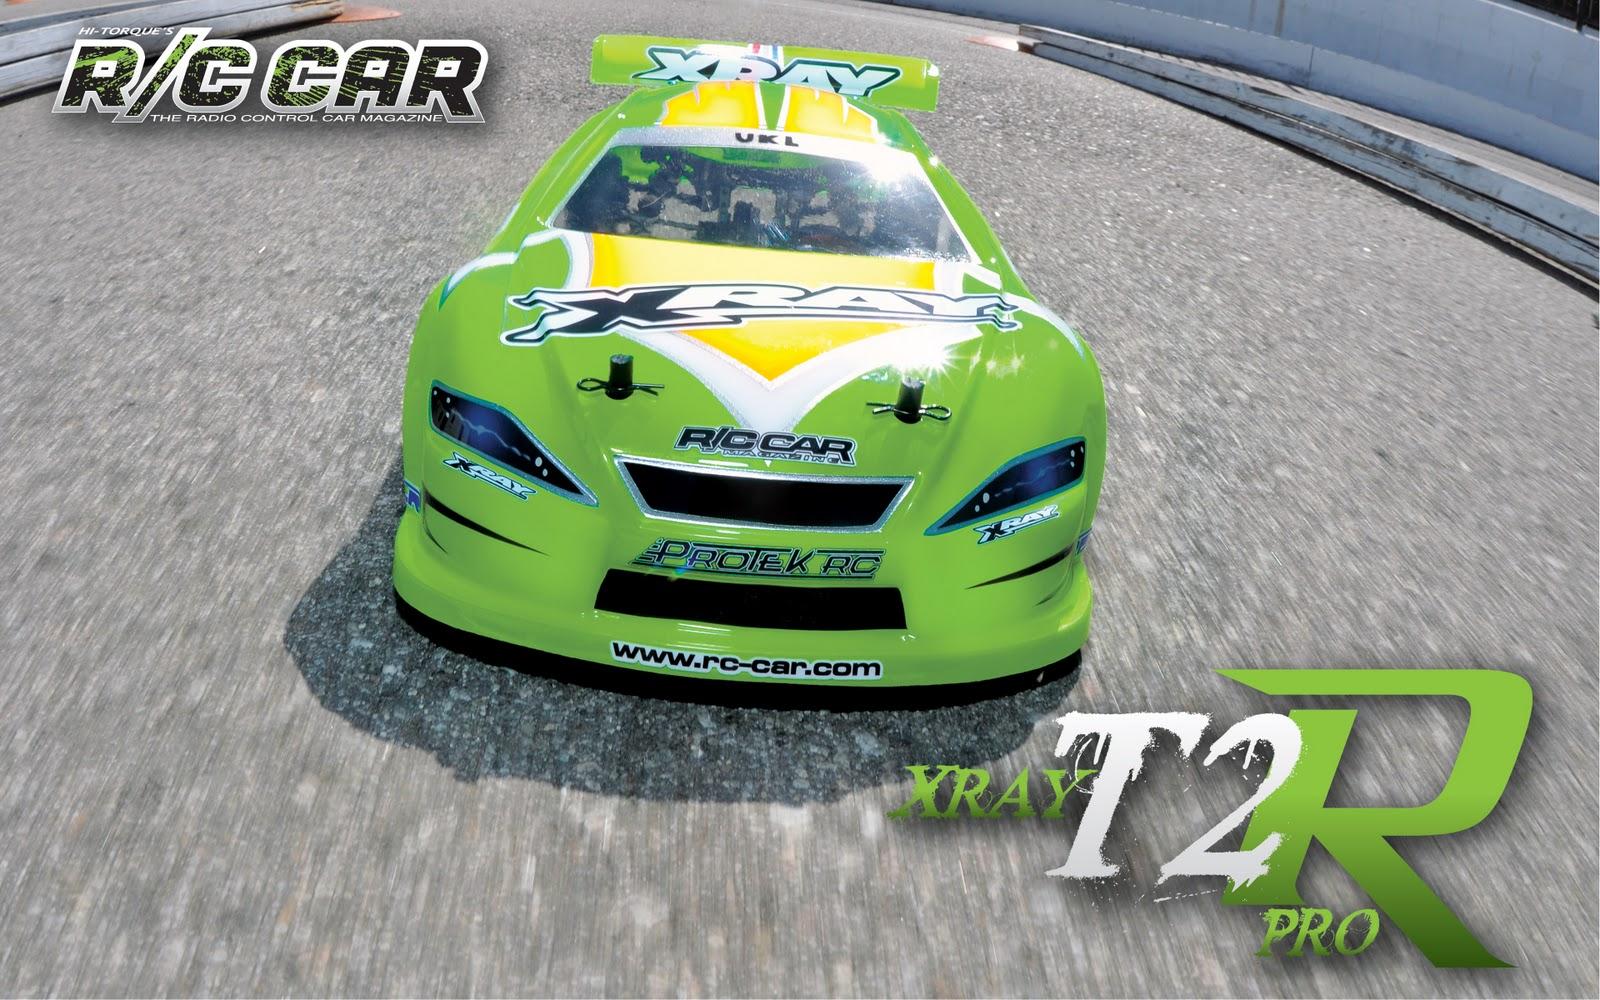 http://1.bp.blogspot.com/__ZTYagFP2f8/TR7Ee2LN4TI/AAAAAAAAAoA/Nu5KjcgO_RQ/s1600/rc+car+wallpaper.jpg